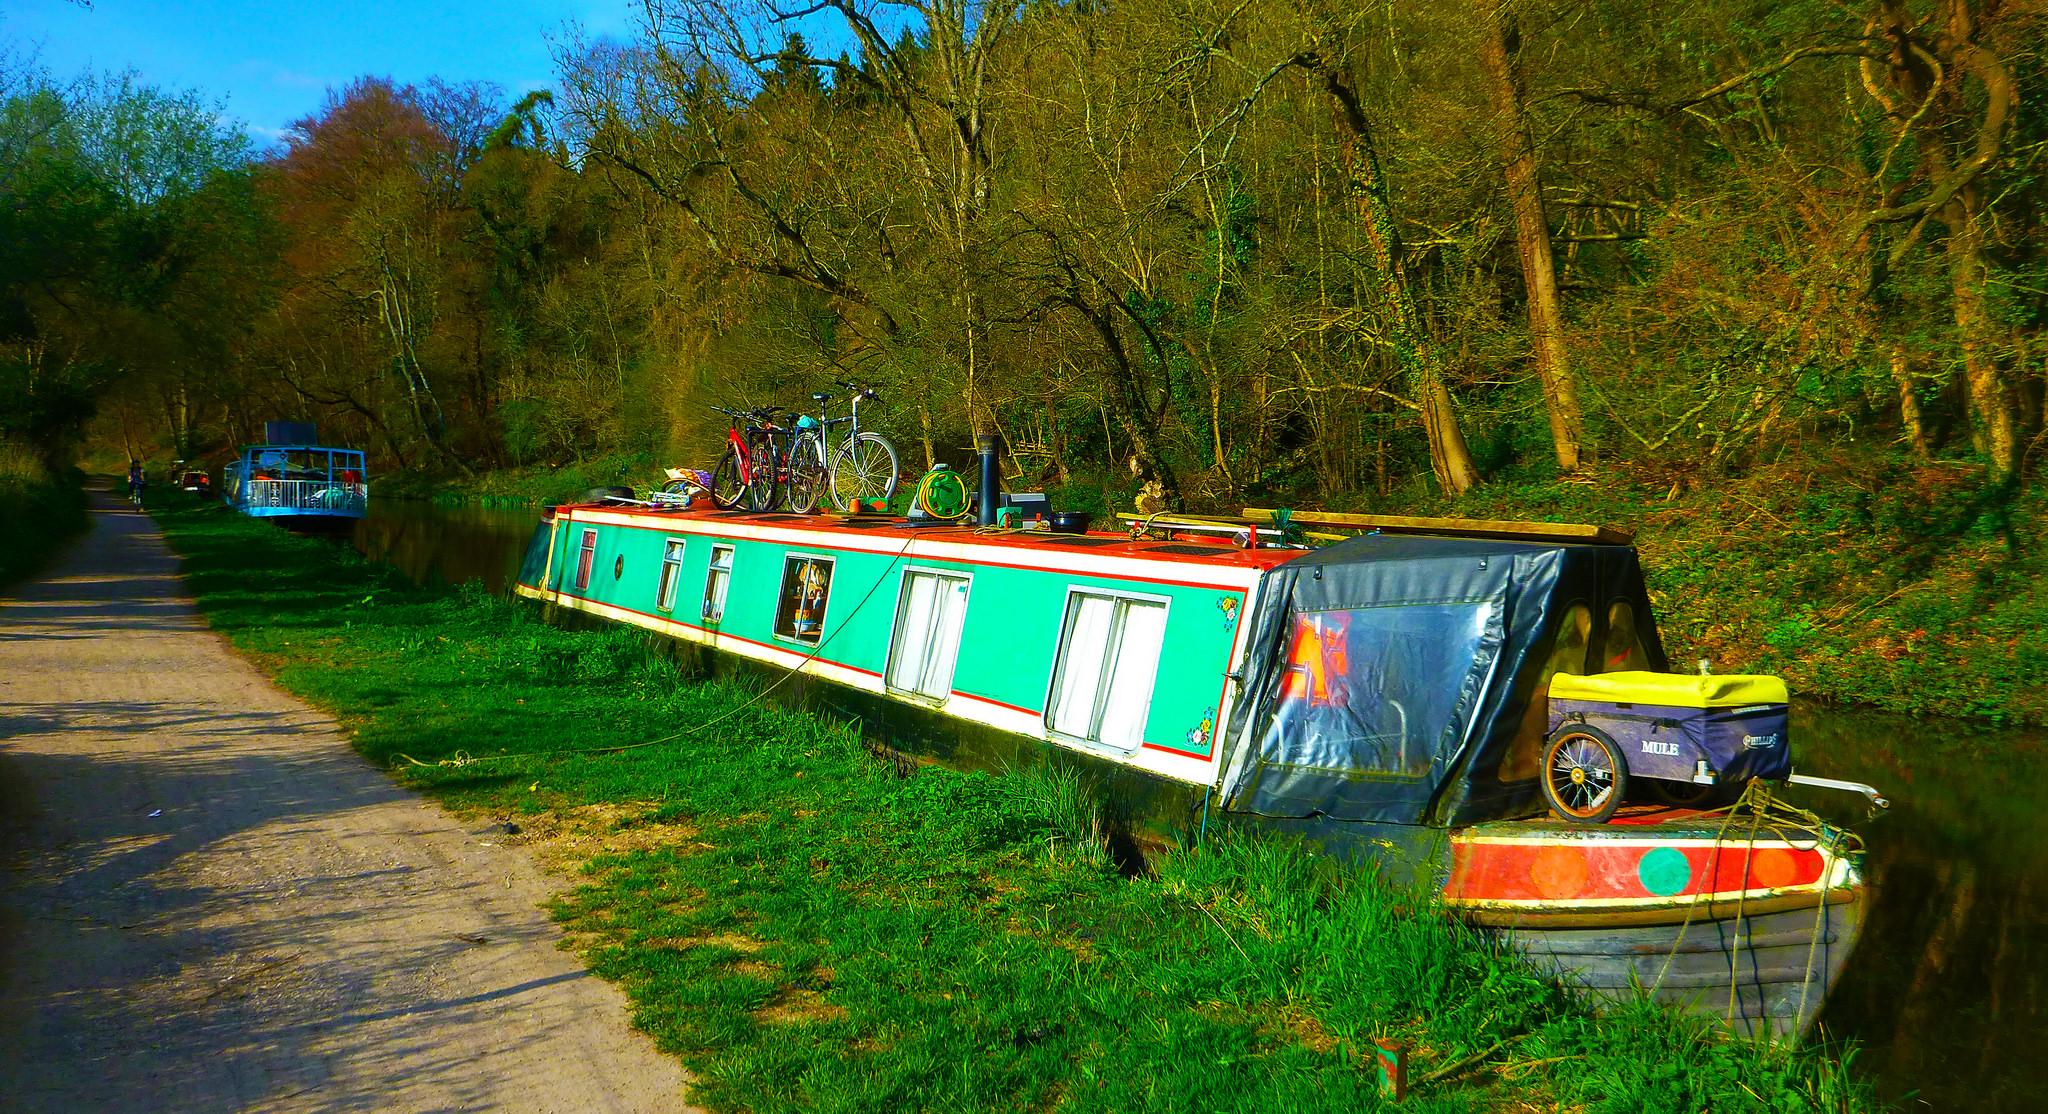 Auch Hausboote sind eine Form von mobilen Behausungen, Foto (C) Angel Ganev / flickr